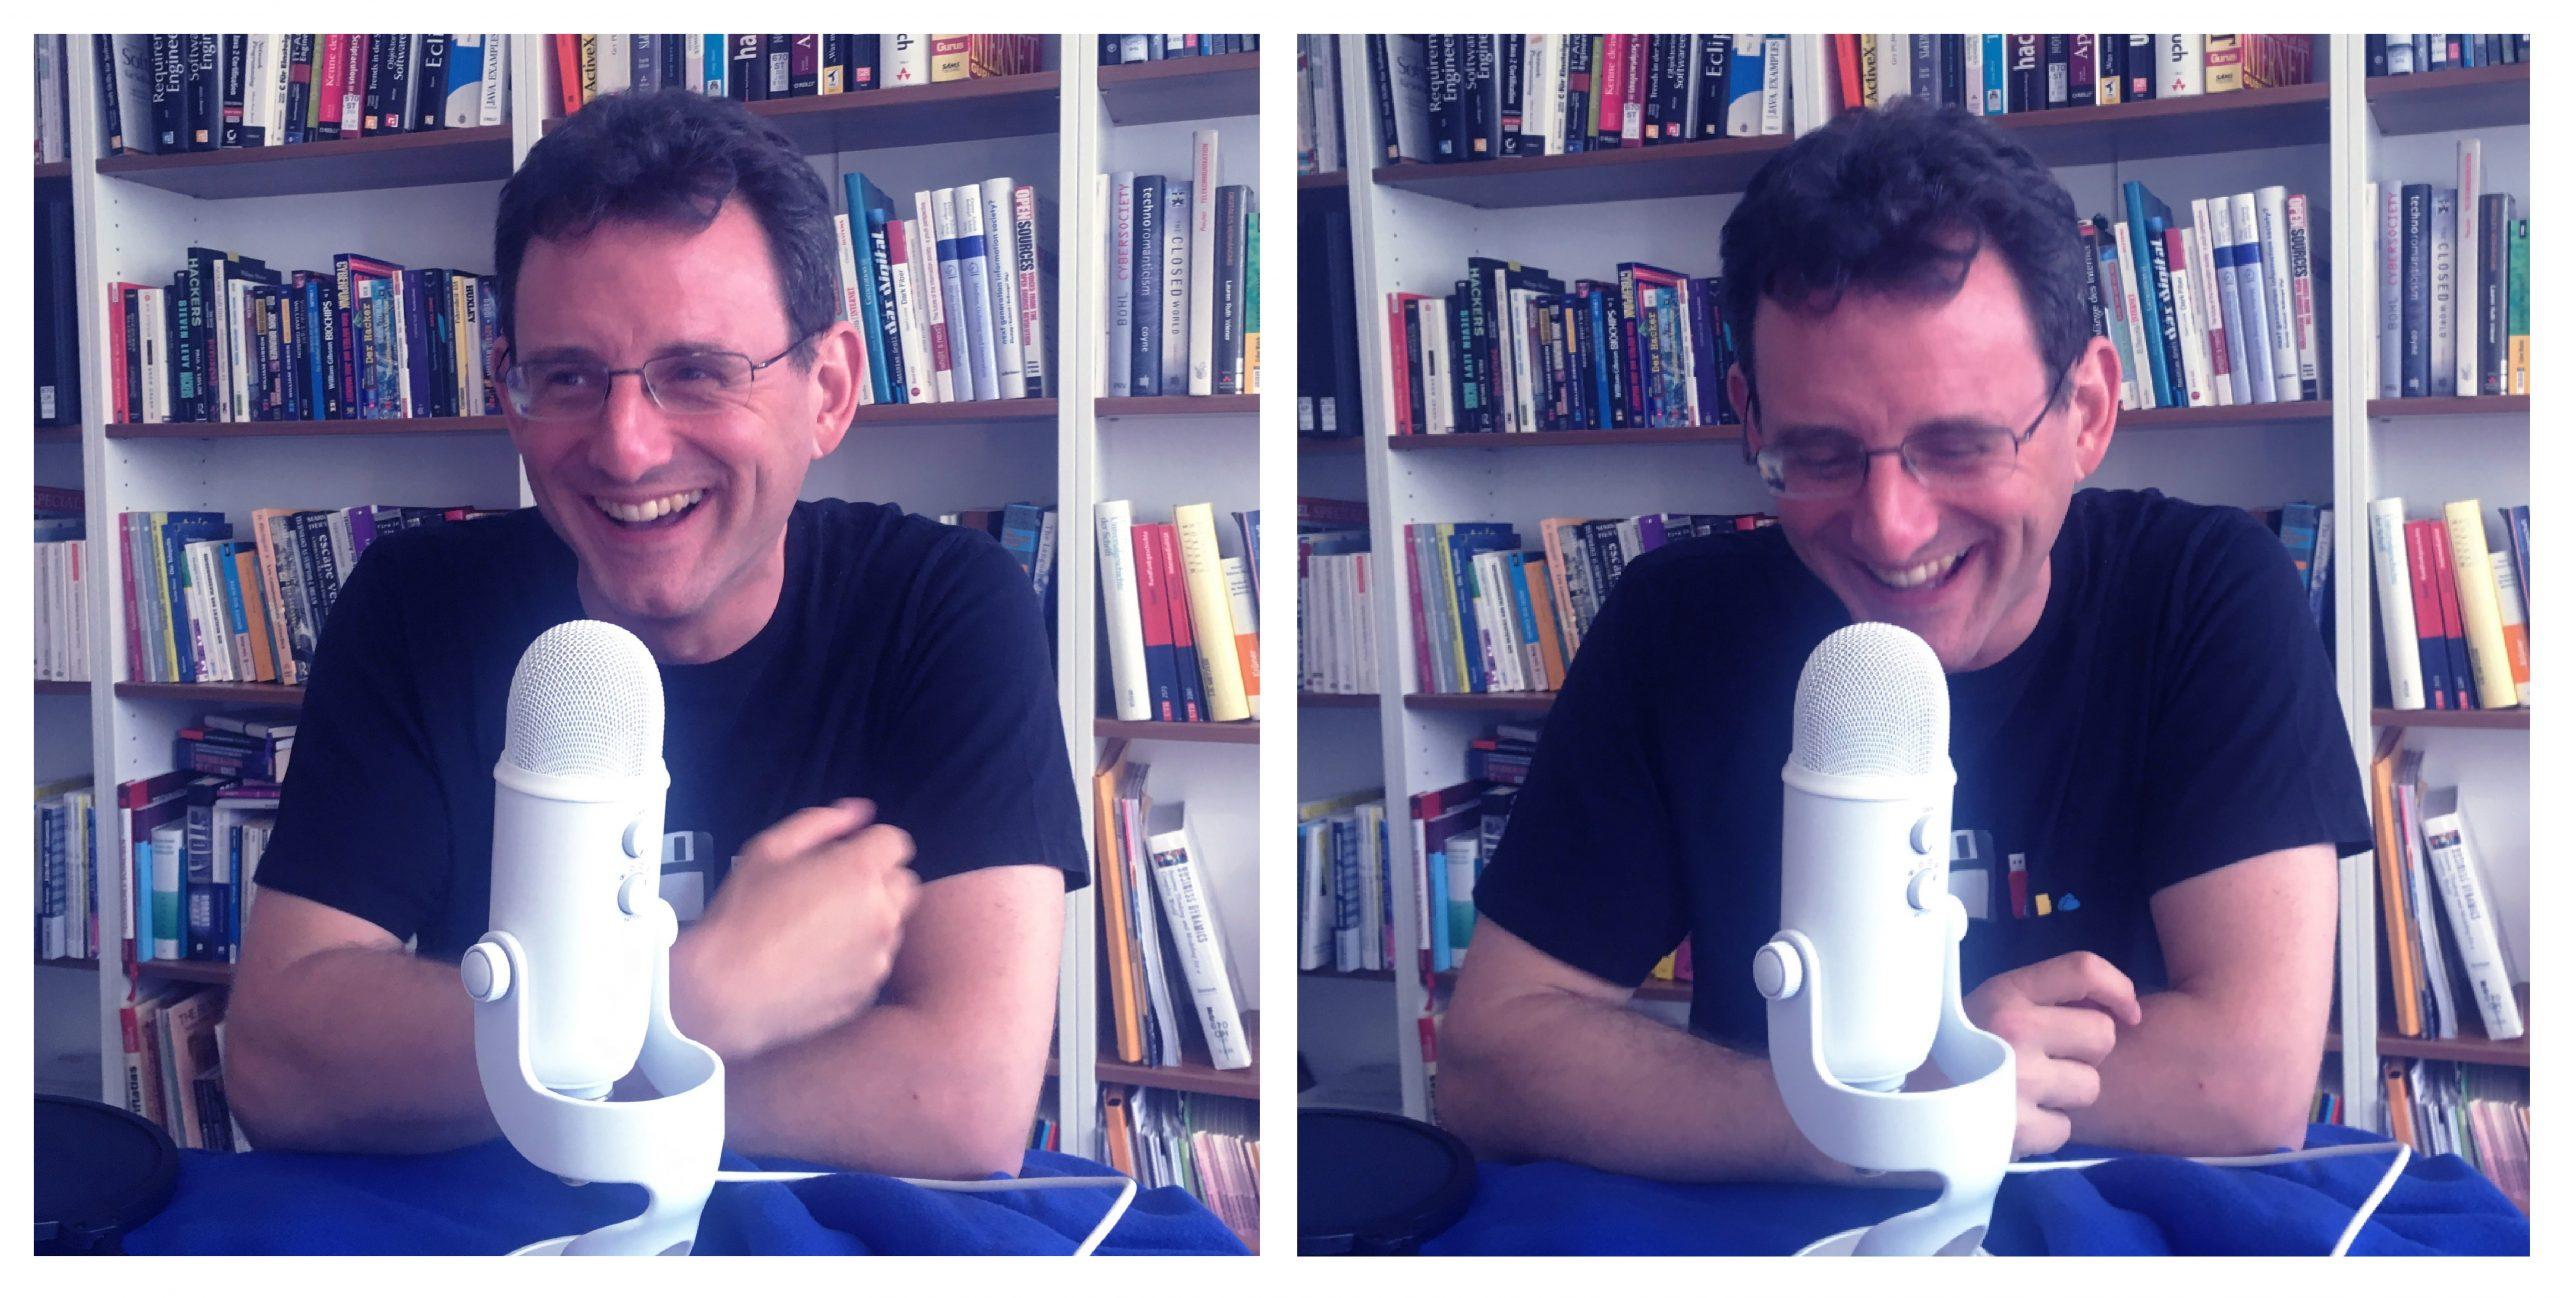 Jochen Koubek, Computerspielewissenschaftler